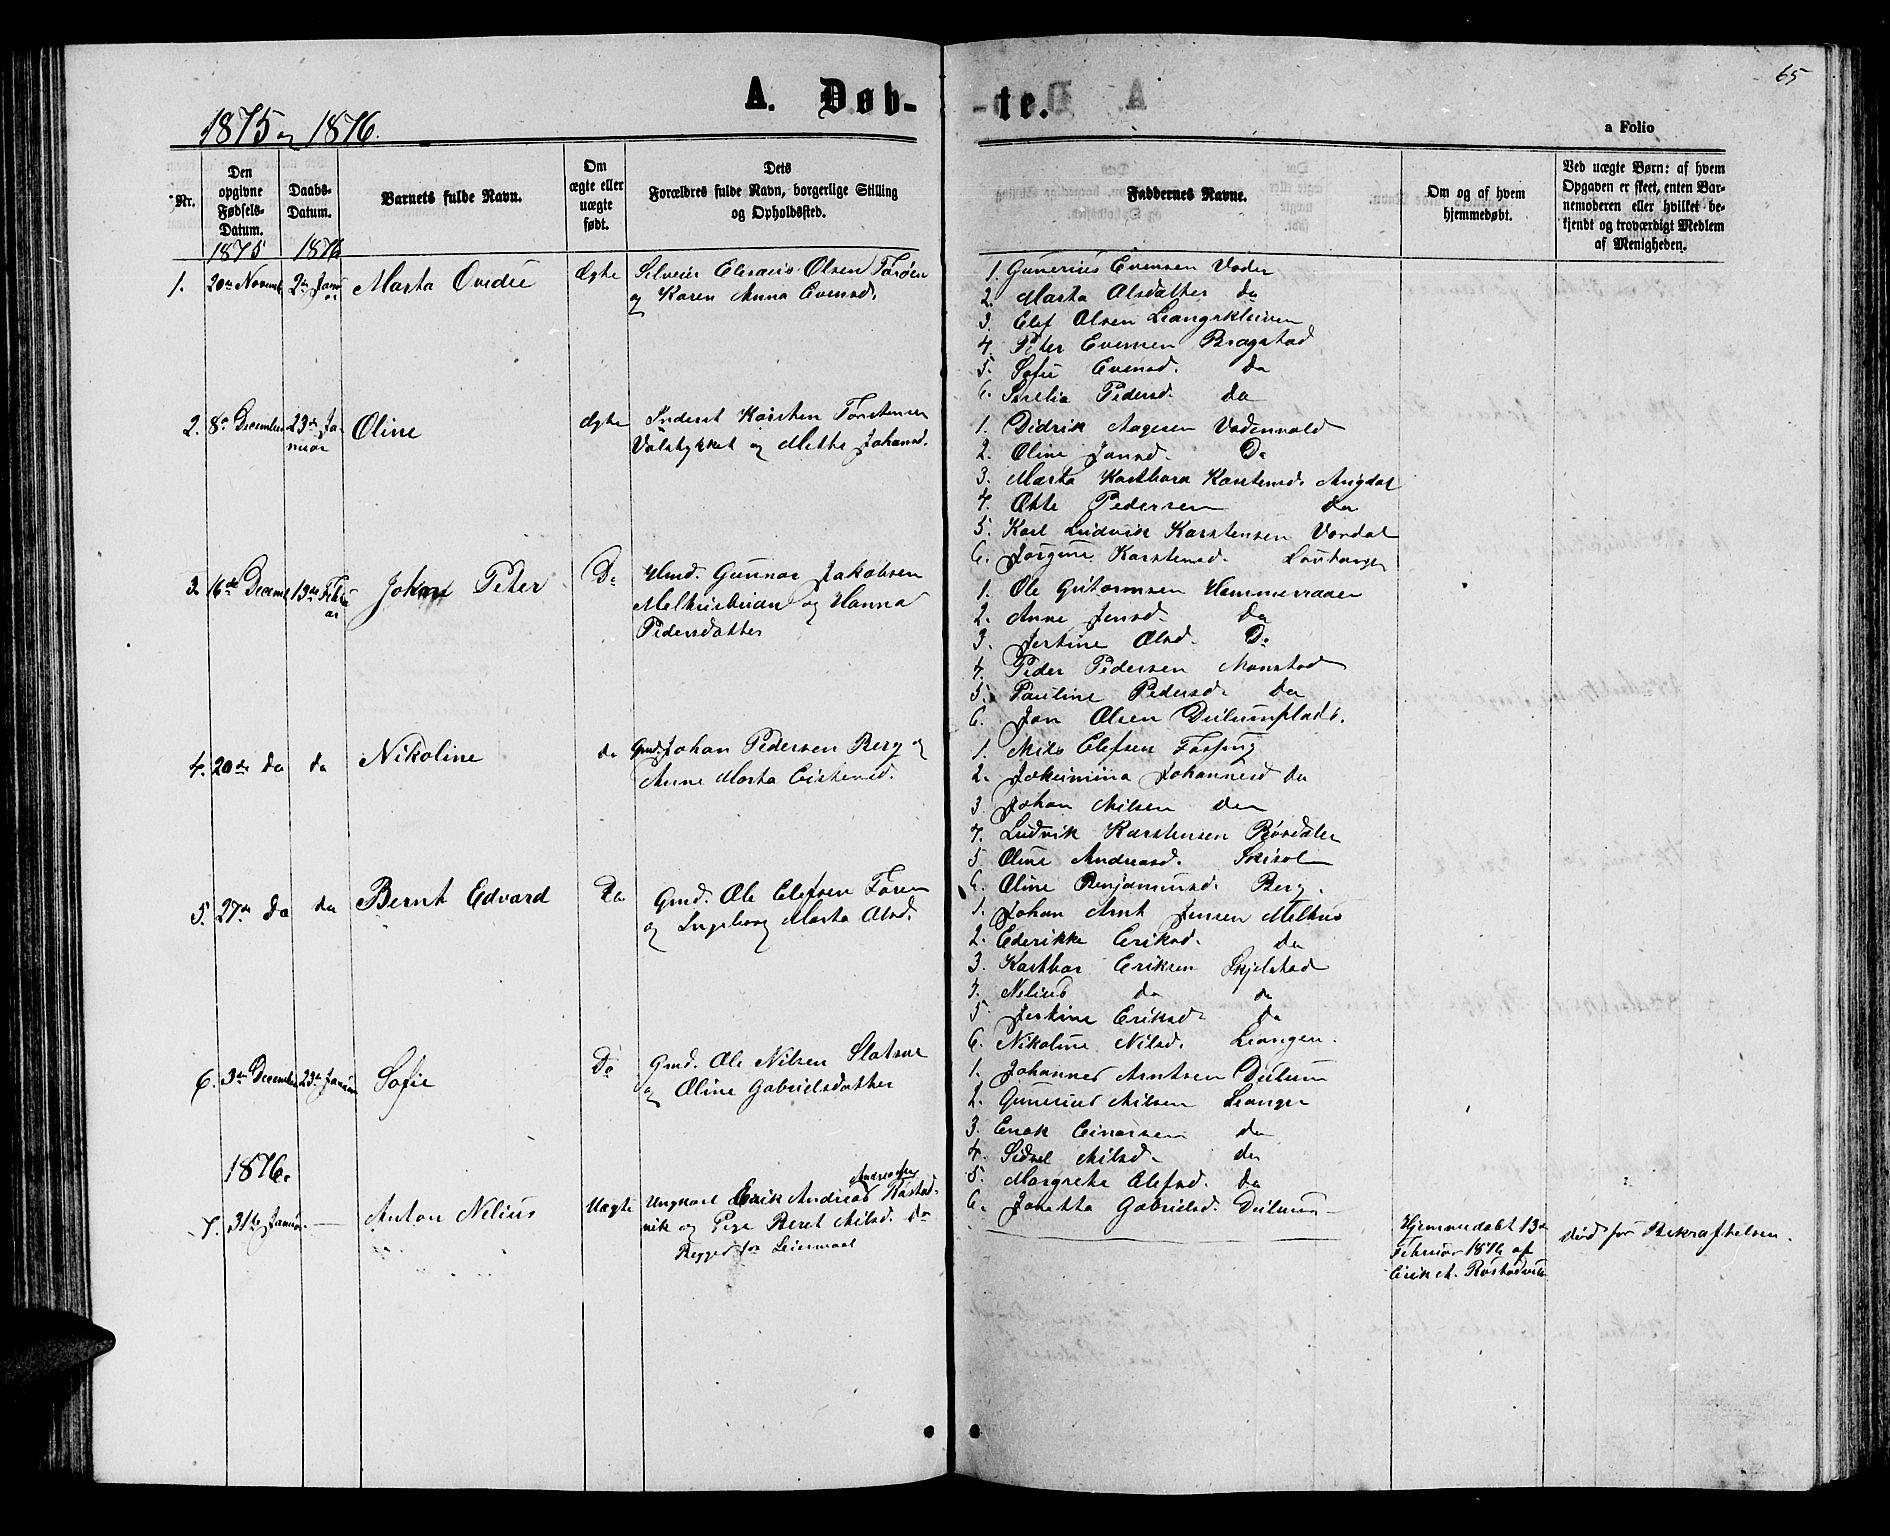 SAT, Ministerialprotokoller, klokkerbøker og fødselsregistre - Nord-Trøndelag, 714/L0133: Klokkerbok nr. 714C02, 1865-1877, s. 65